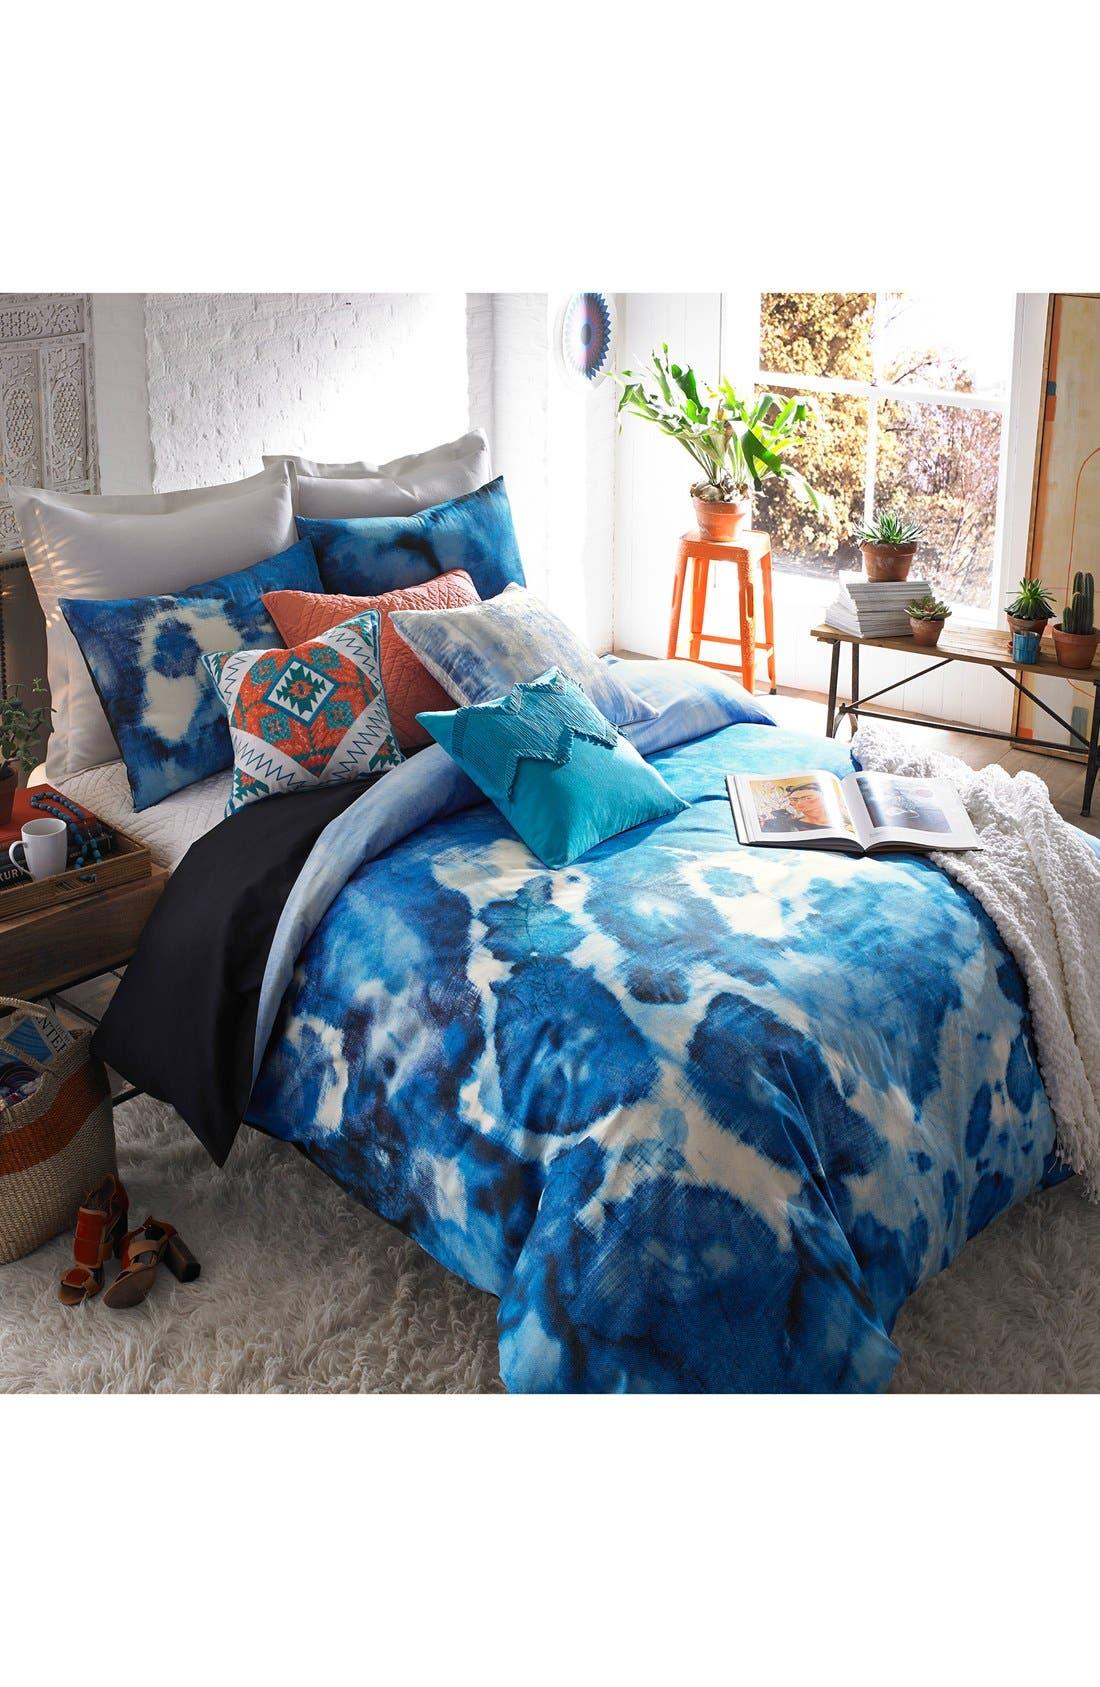 Main Image - Blissliving Home Casa Azul Reversible Duvet Cover & Sham Set